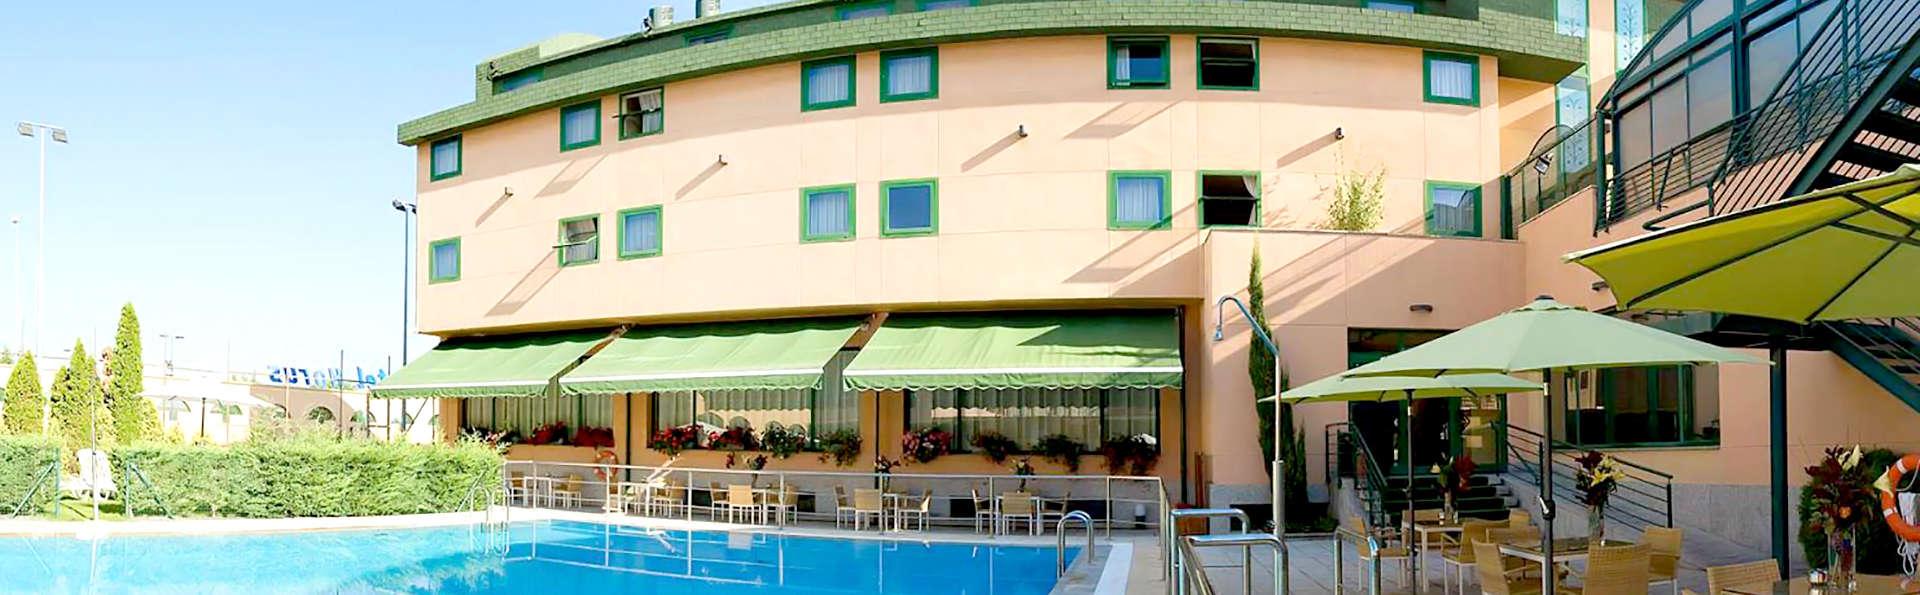 Hotel Sercotel Horus Salamanca - EDIT_NEW_POOL2.jpg